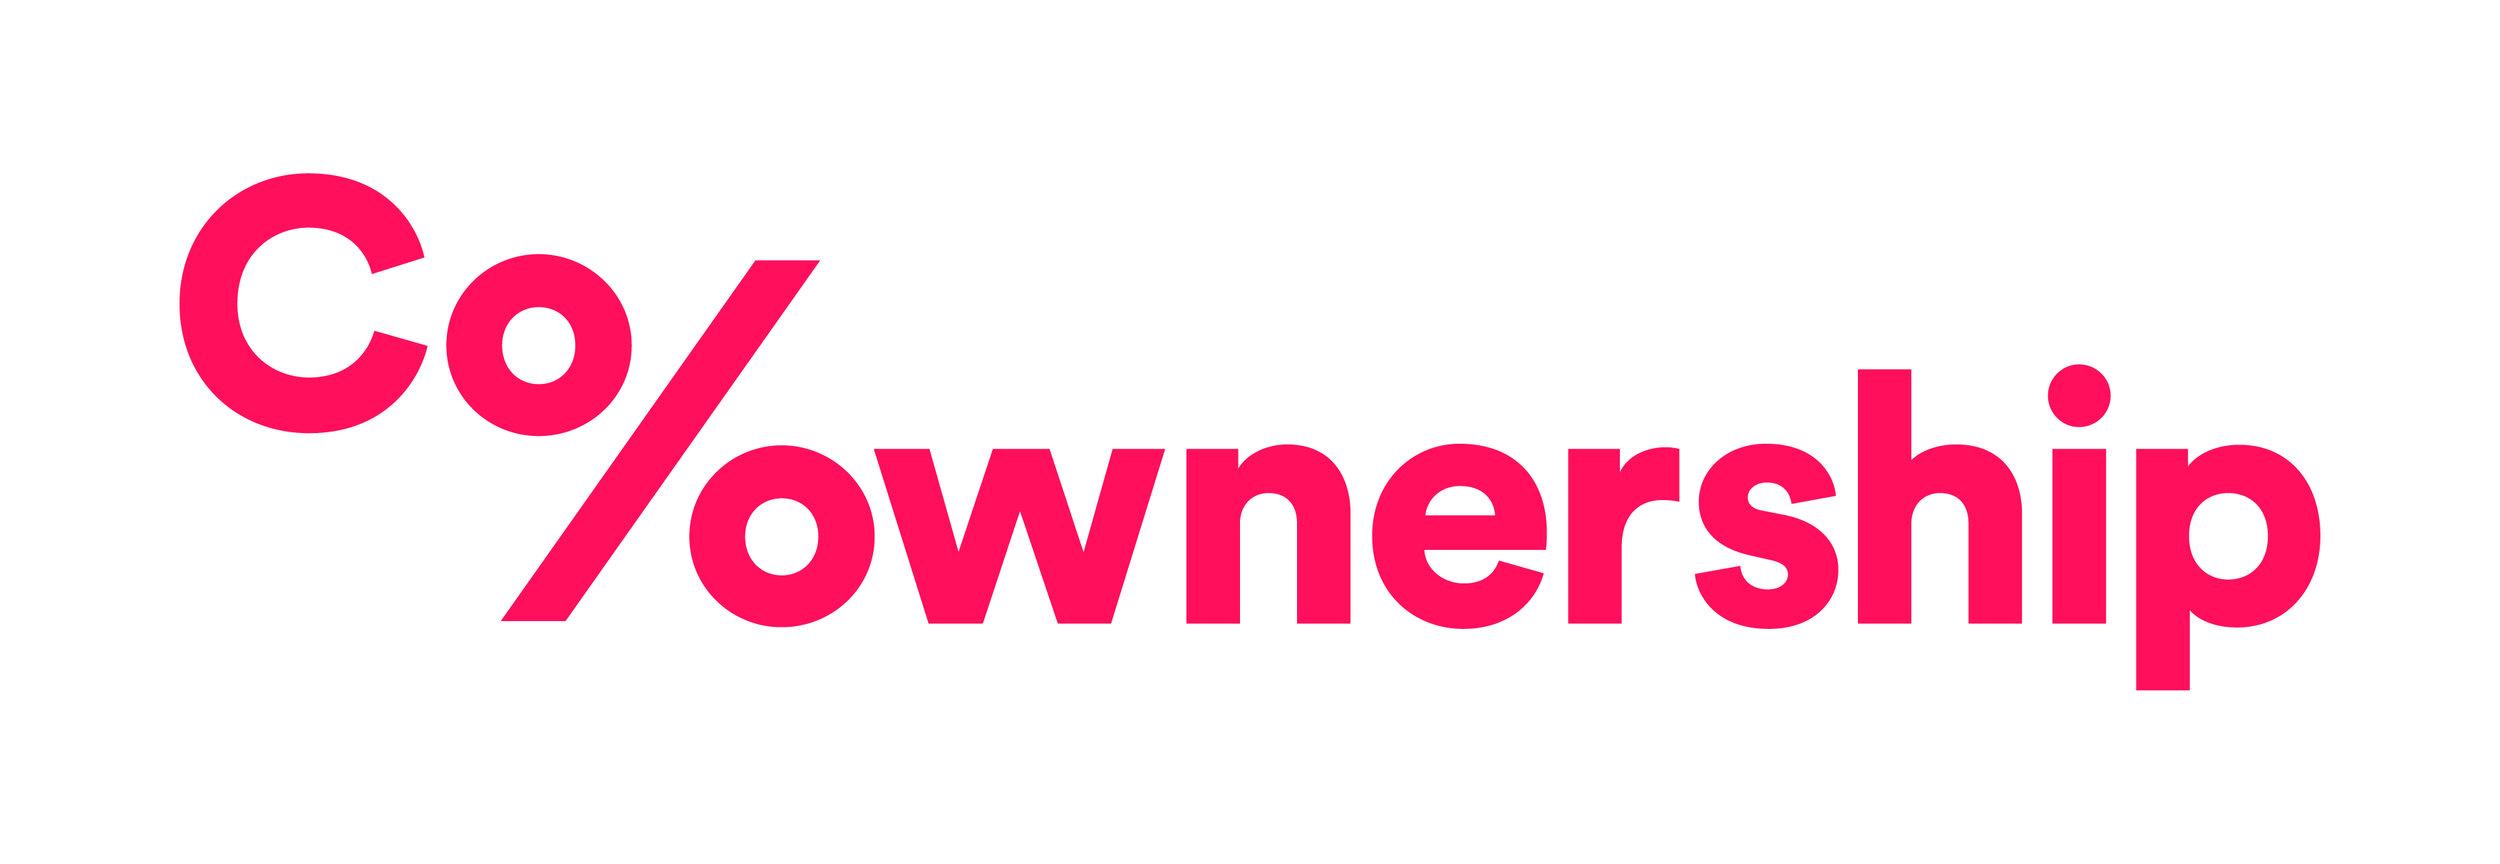 CoOwnership Logo-01.jpg